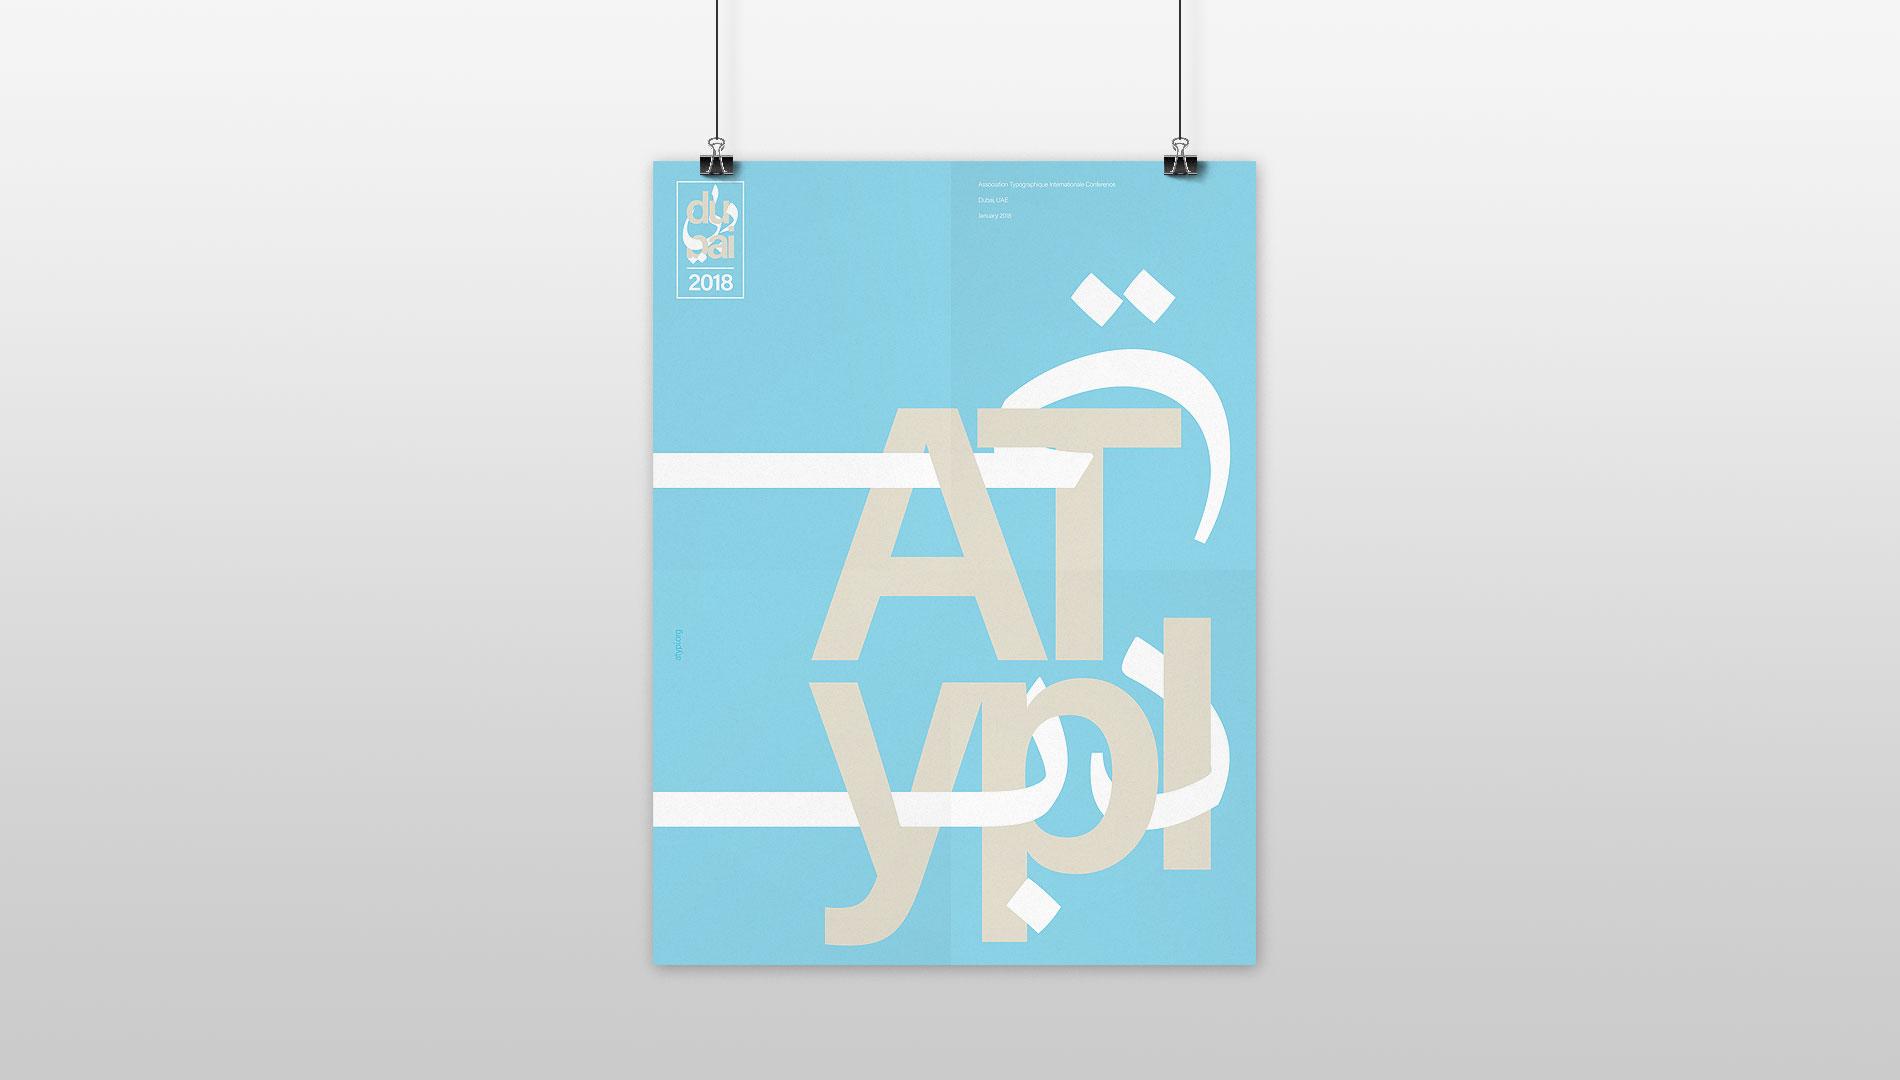 osama_alamidi_poster_1